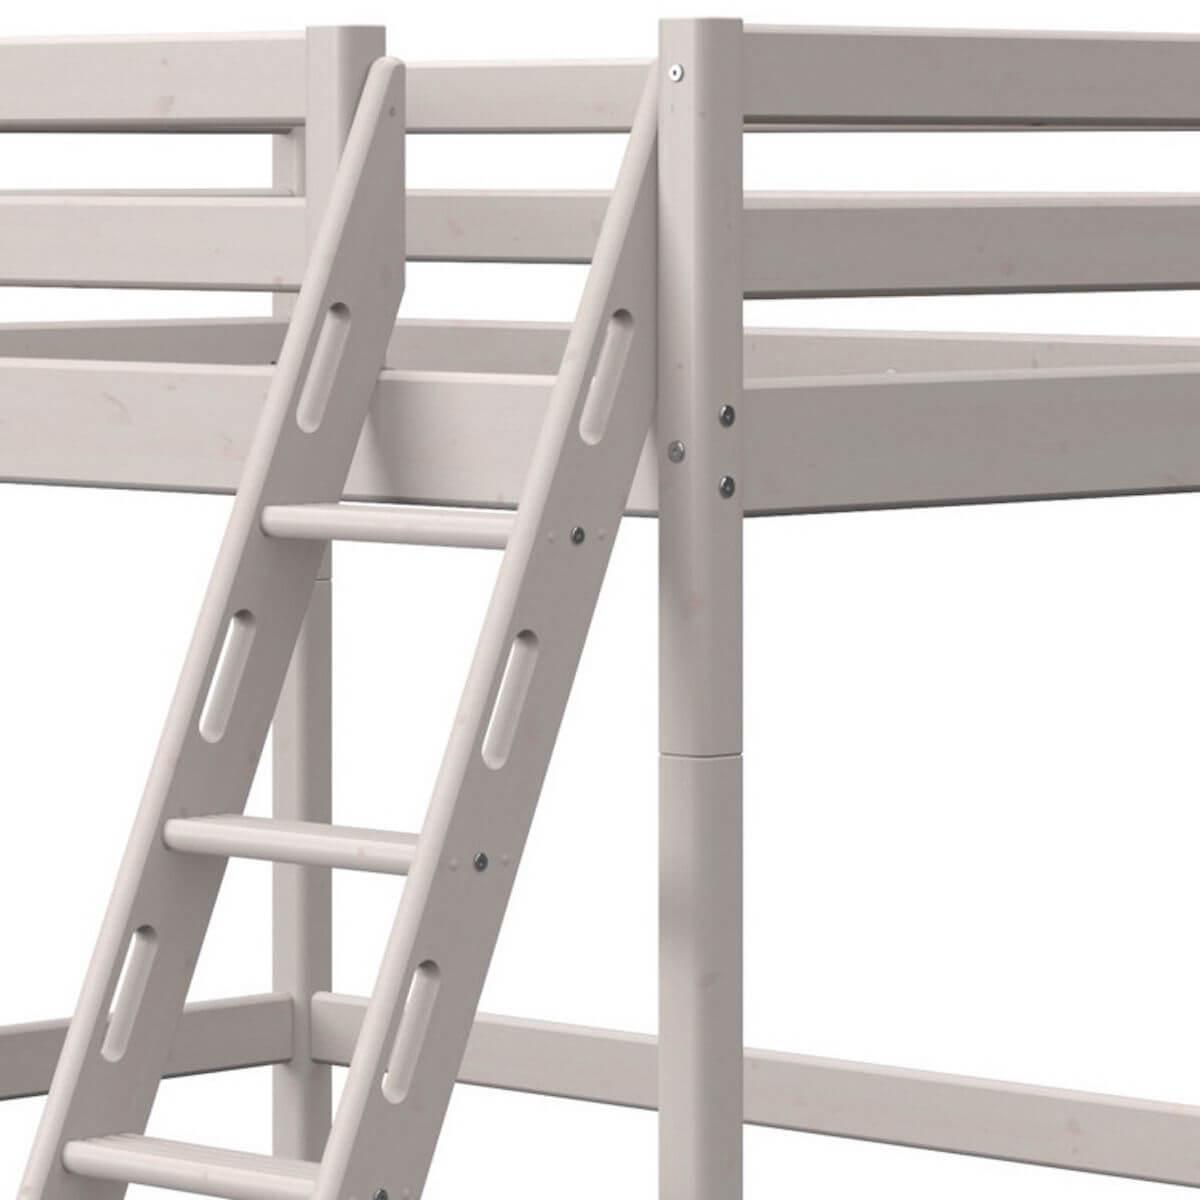 Lit mezzanine haut 140x190cm échelle inclinée CLASSIC Flexa grey washed